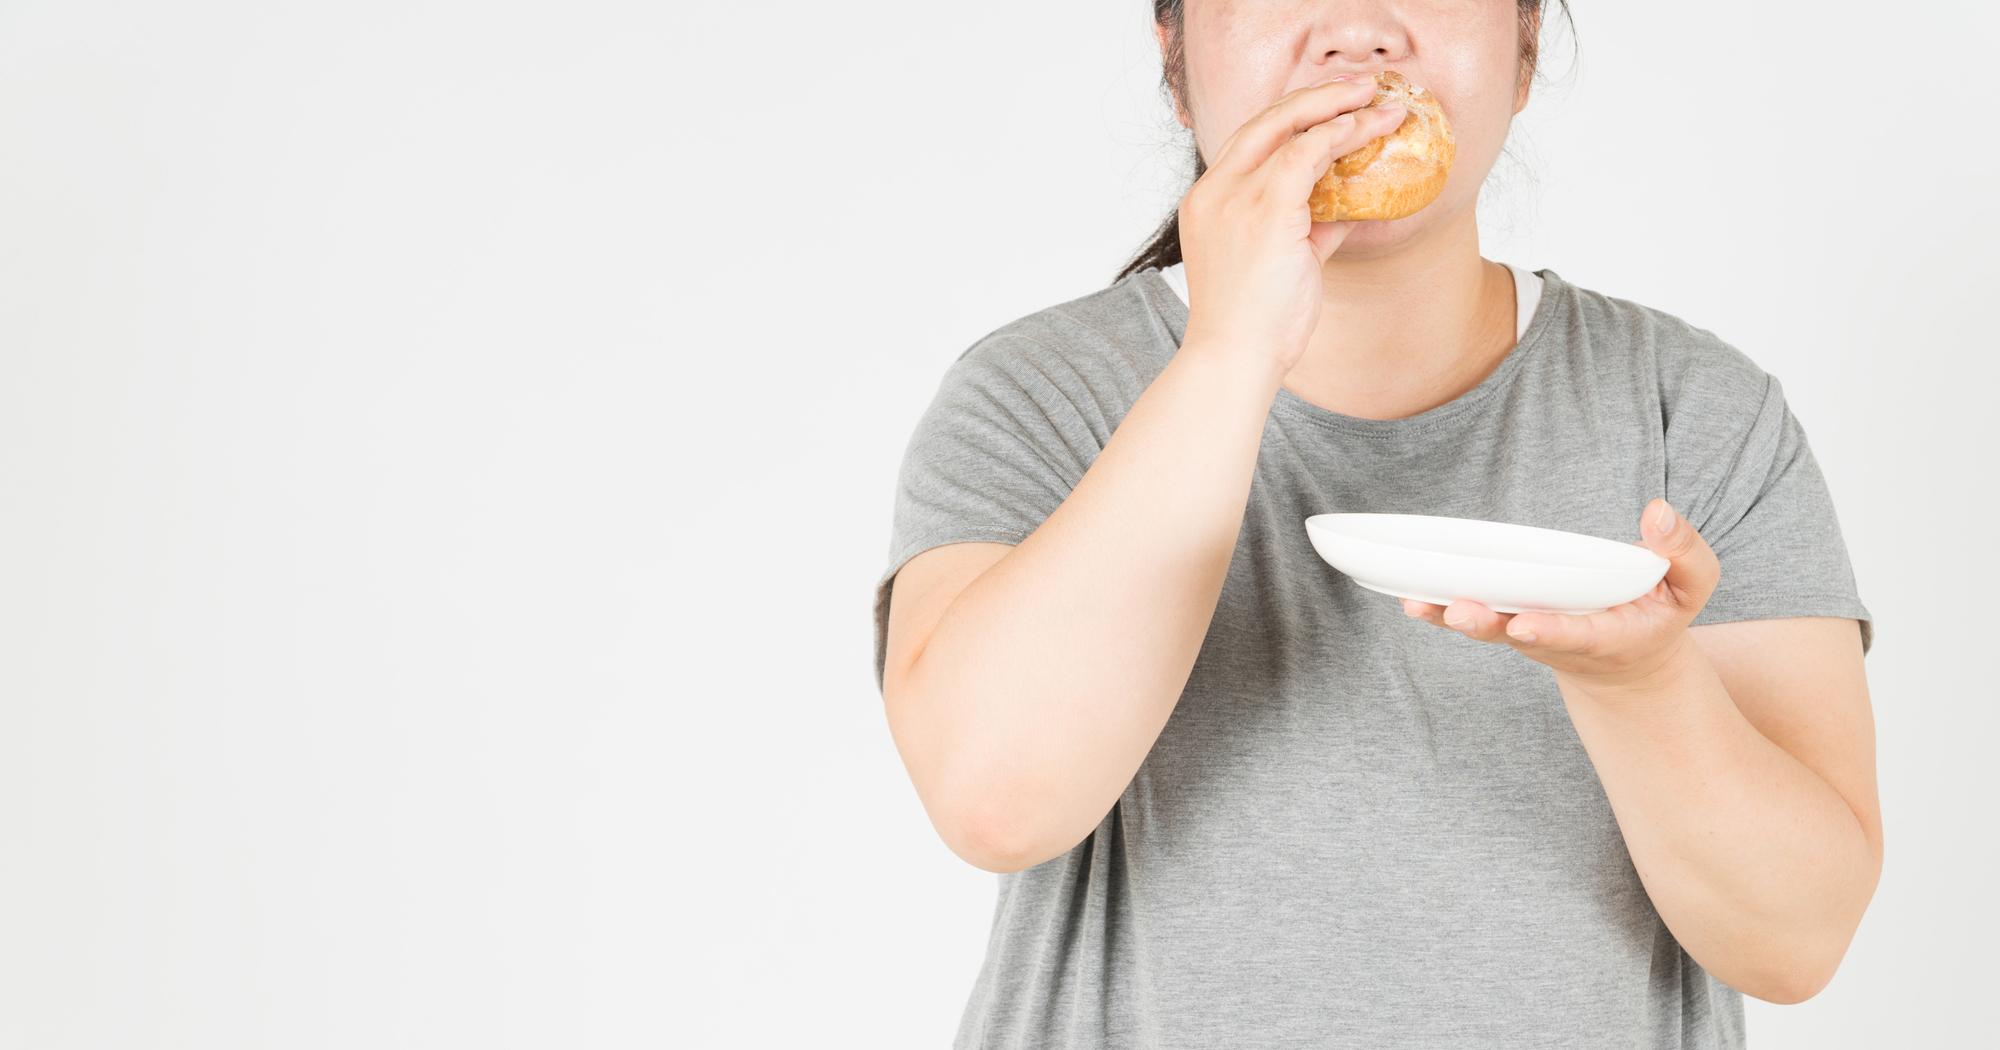 痩せない人は「食事・運動・睡眠」のどれかに必ず理由がある